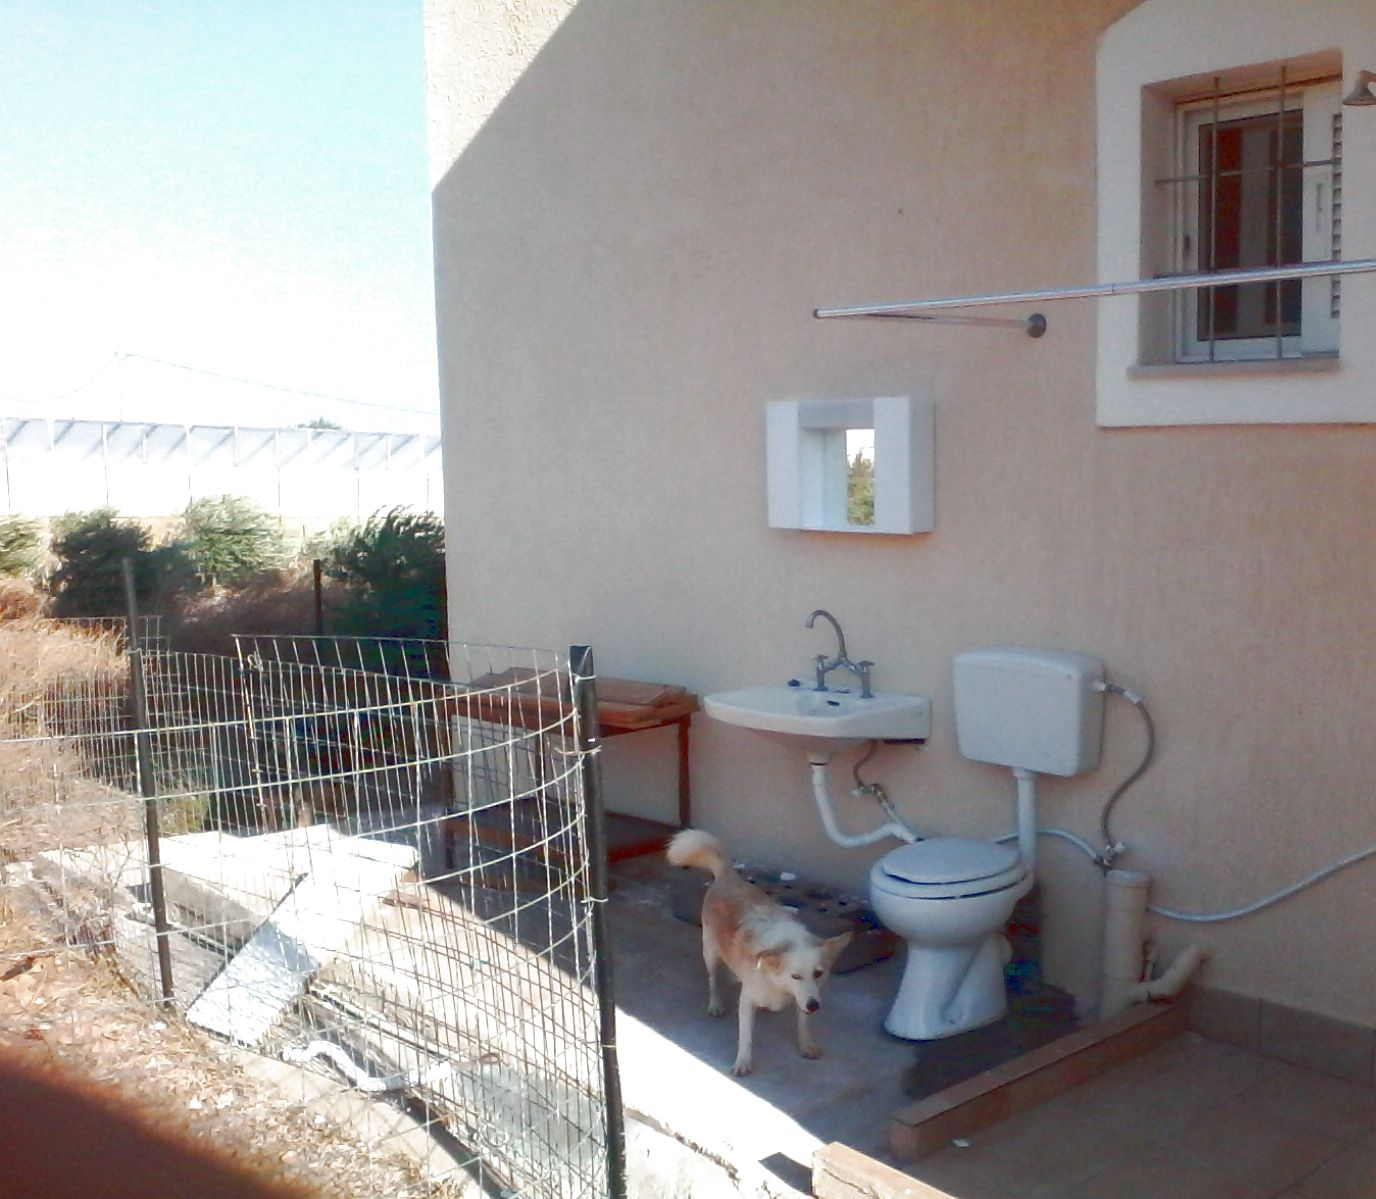 Toilette aussen